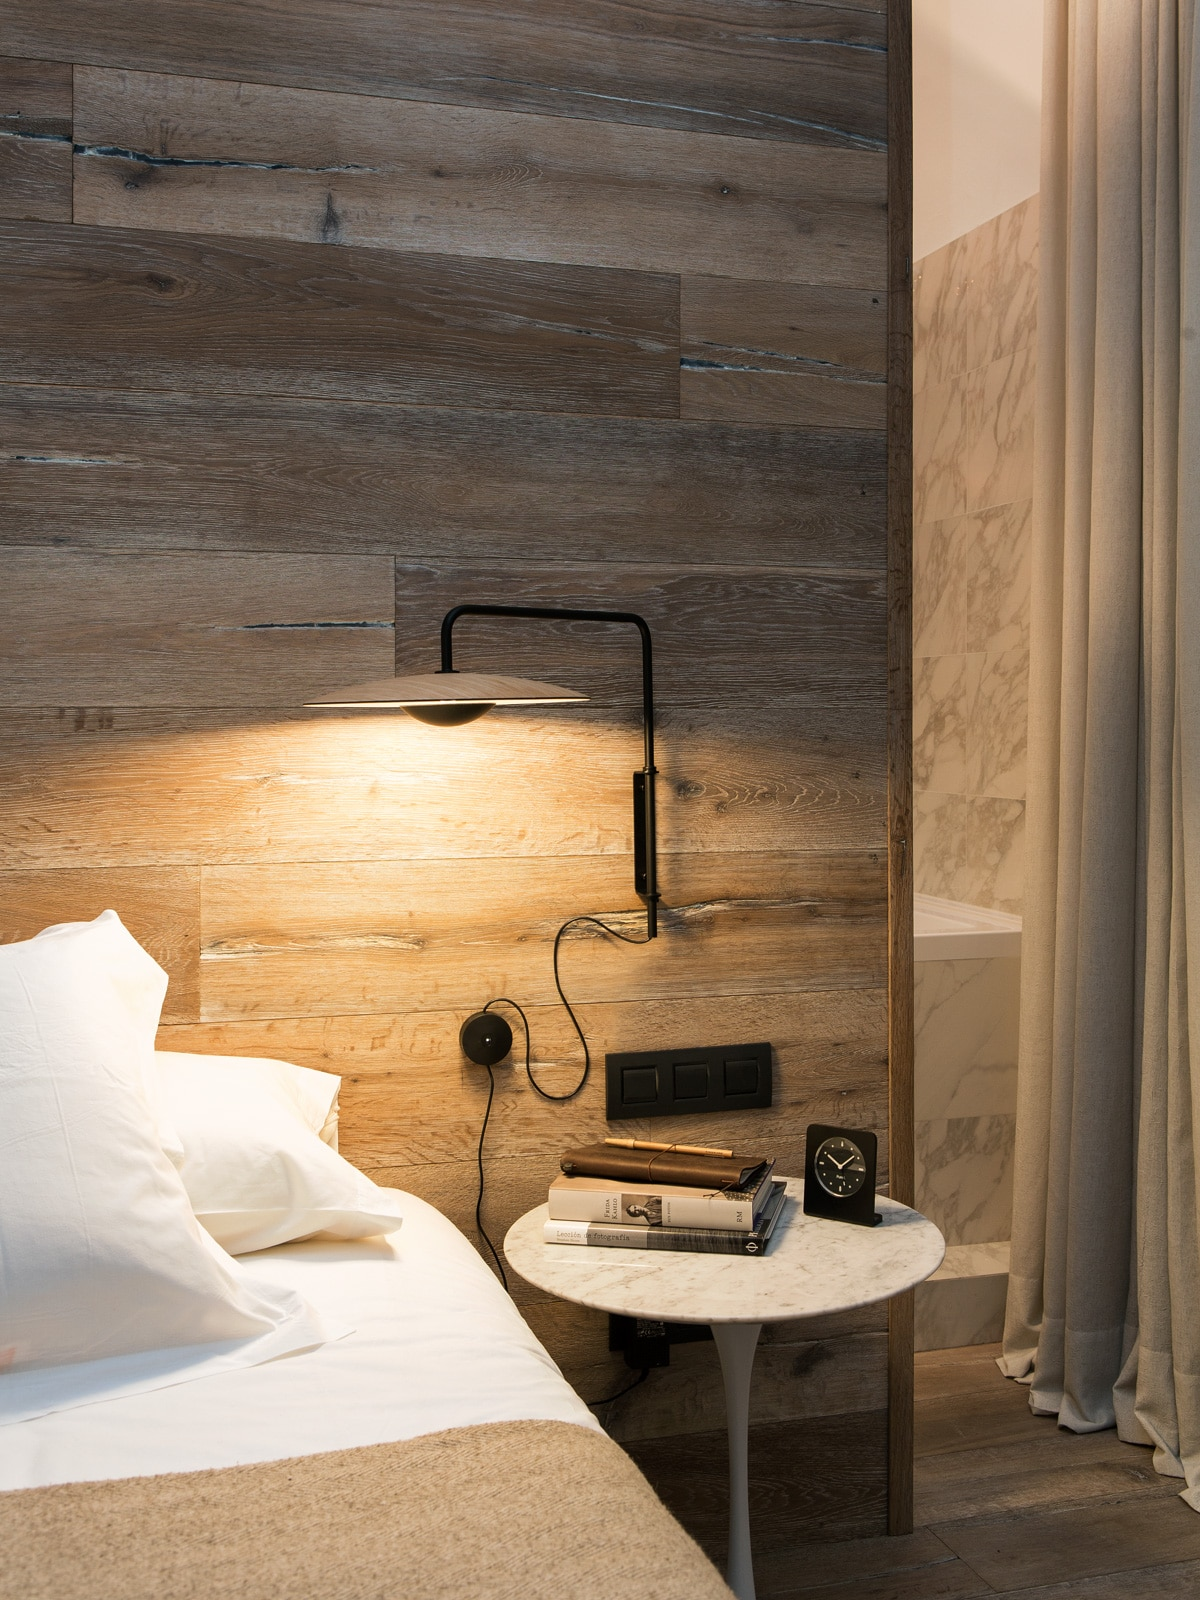 Full Size of Wandlampen Schlafzimmer Schwenkbar Wandlampe Modern Ikea Holz Mit Komplett Guenstig Set Matratze Und Lattenrost Regal Stehlampe Deckenleuchte Weißes Kommode Wohnzimmer Wandlampen Schlafzimmer